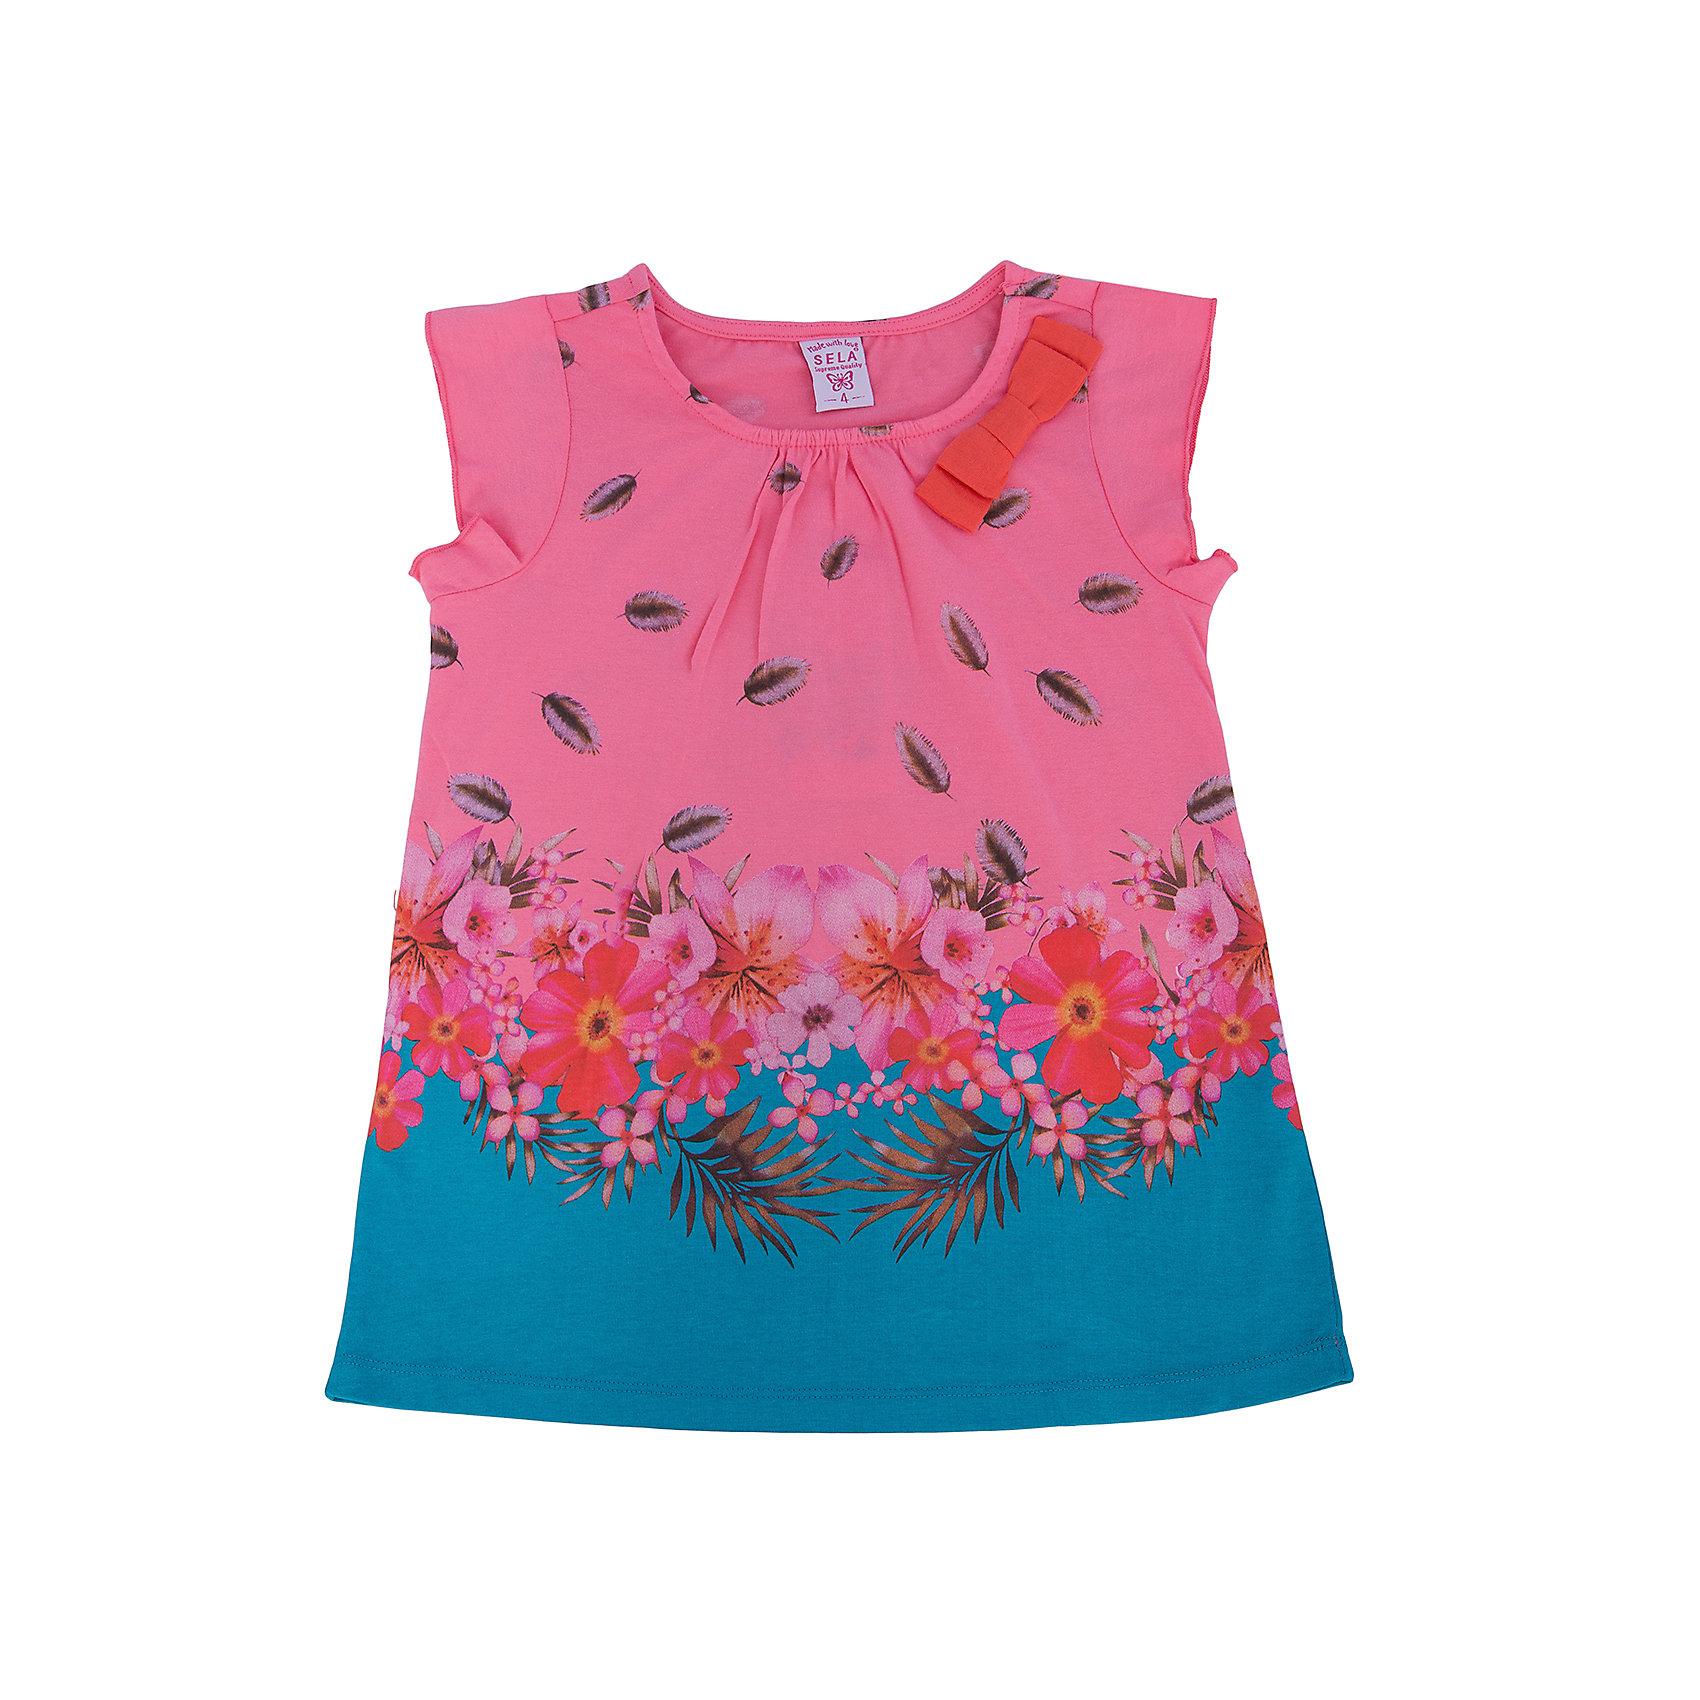 Футболка для девочки SELAФутболки, поло и топы<br>Блузка от известной марки SELА поможет разнообразить летний гардероб девочки, создать нарядный или повседневный образ. Удобный крой и качественный материал обеспечат ребенку комфорт при ношении этой вещи. <br>Горловина изделия - круглая, украшена бантом. Силуэт - стильный,  прямой, слегка расширенный. Приятная на ощупь ткань не вызывает аллергии. Изделие украшено стильным принтом.<br><br>Дополнительная информация:<br><br>материал: 100% хлопок;<br>цвет: белый;<br>удлиненная;<br>рукав-крылышко (короткий);<br>силуэт прямой, слегка расширенный;<br>уход за изделием: стирка в машине при температуре до 30°С, не отбеливать, гладить при низкой температуре.<br><br>Блузку от бренда SELА (Села) можно купить в нашем магазине.<br><br>Ширина мм: 230<br>Глубина мм: 40<br>Высота мм: 220<br>Вес г: 250<br>Цвет: розовый<br>Возраст от месяцев: 60<br>Возраст до месяцев: 72<br>Пол: Женский<br>Возраст: Детский<br>Размер: 116,92,98,104,110<br>SKU: 4741057